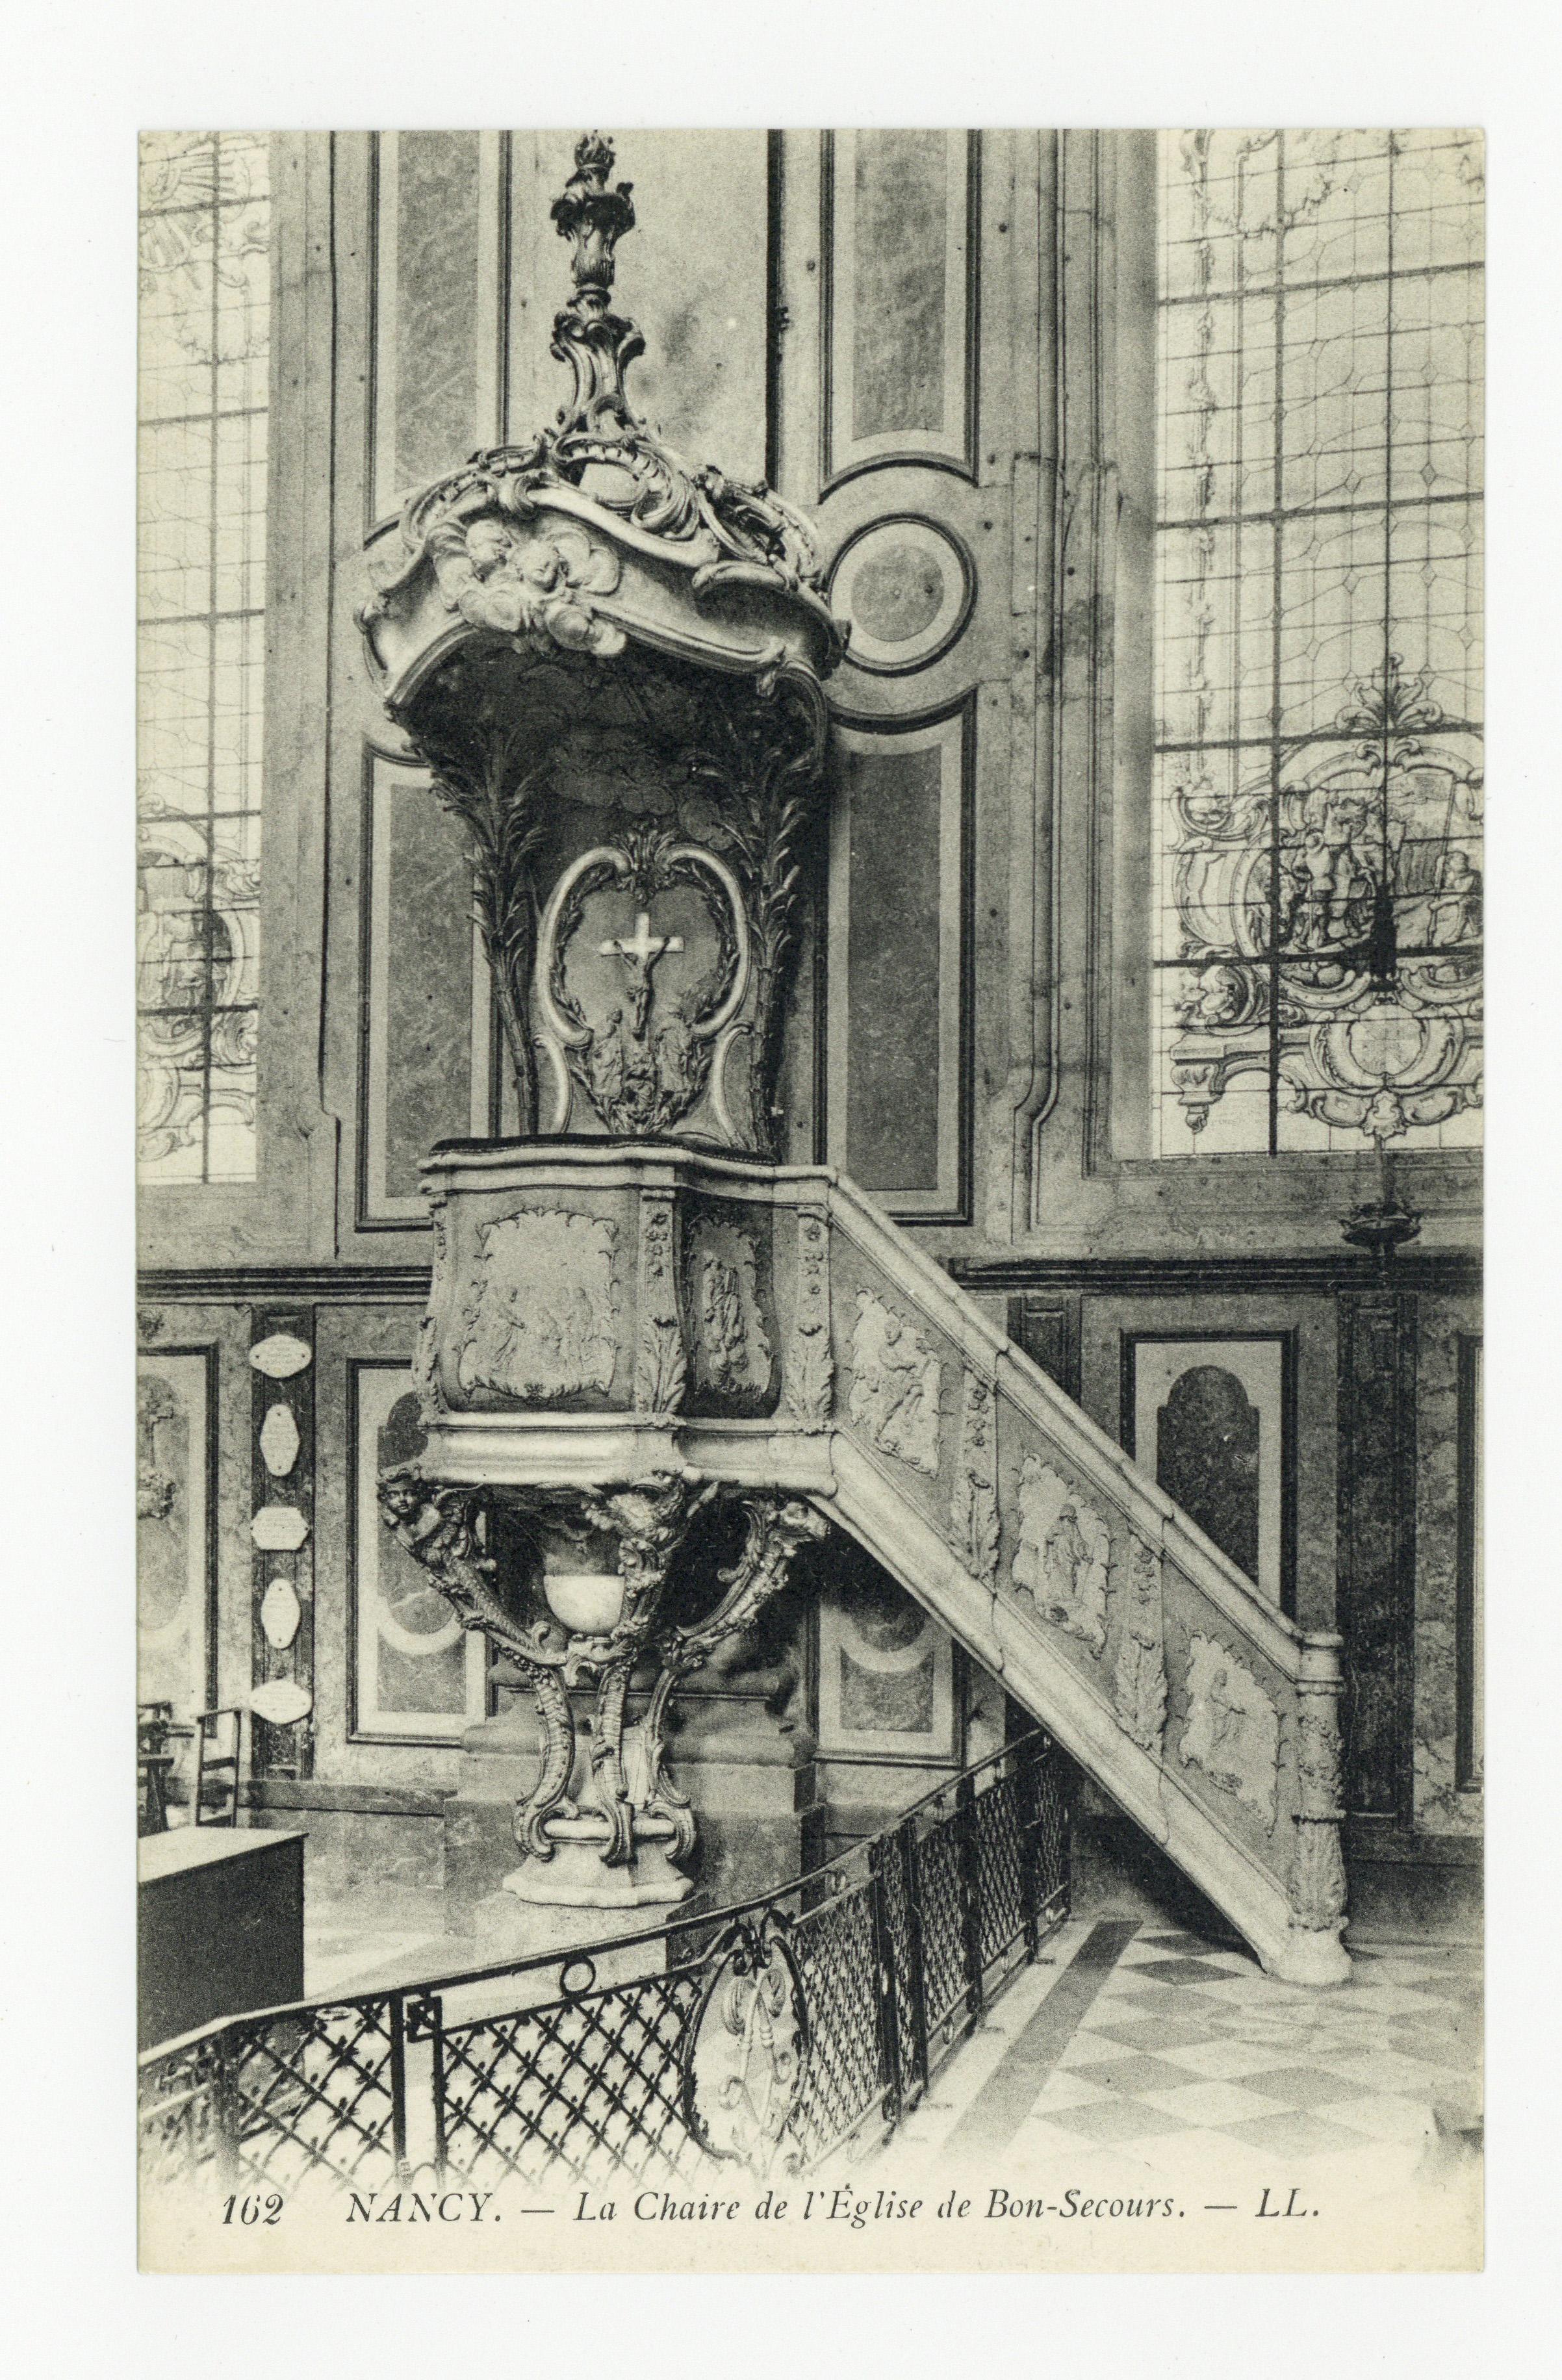 Contenu du Nancy : la Chaire de l'Église de Bon-Secours